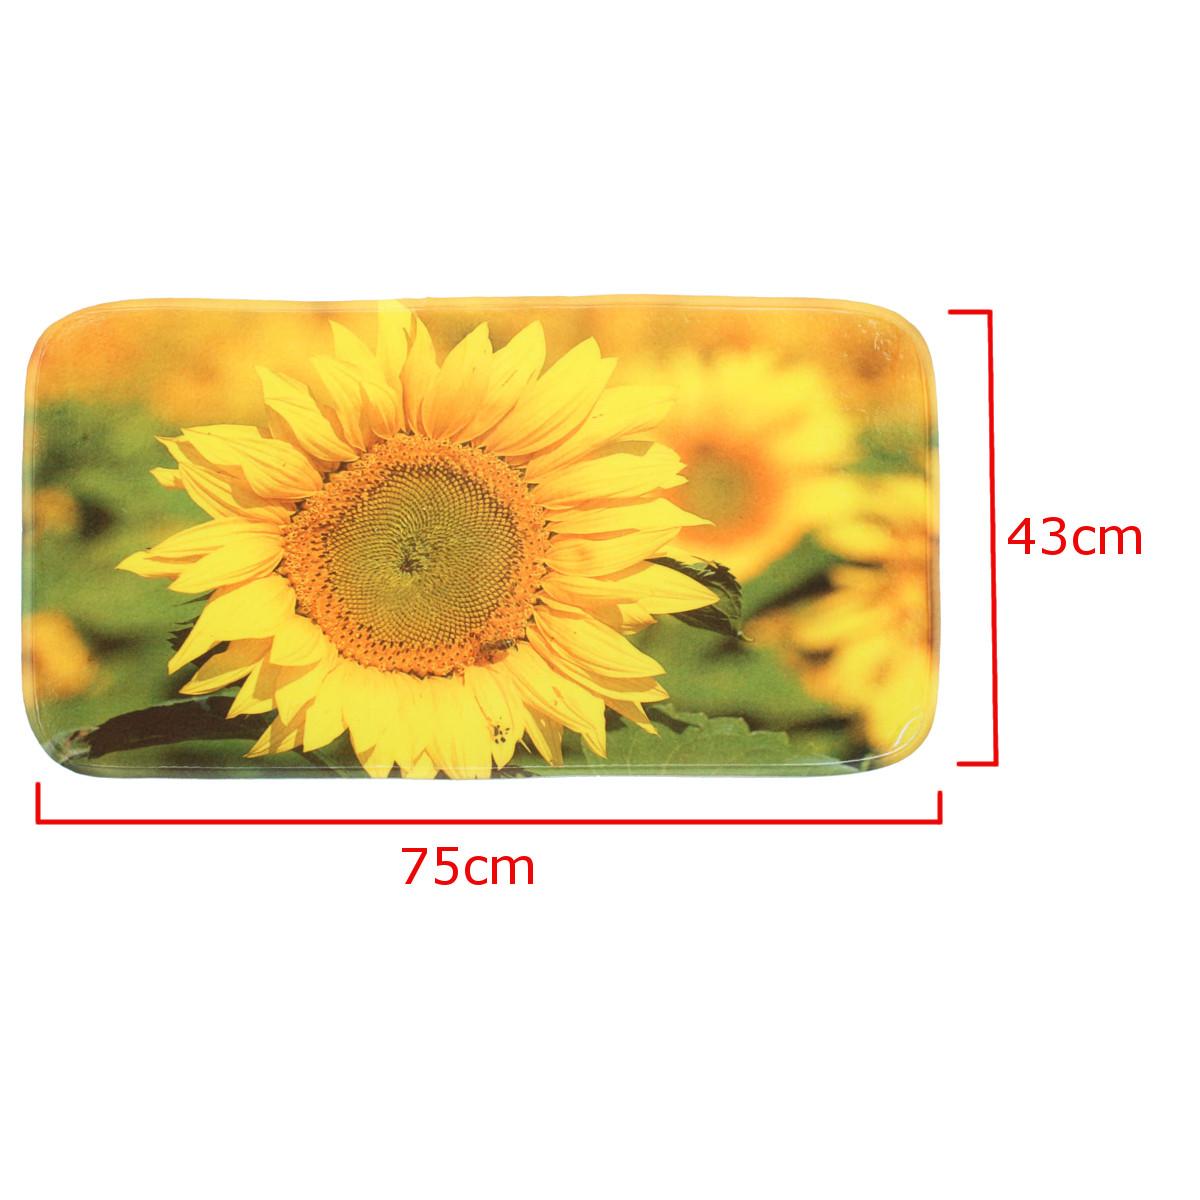 Sunflower Shower Curtain Floor Mat Non-slip Soft Toilet Lid Cover Bathroom Decor